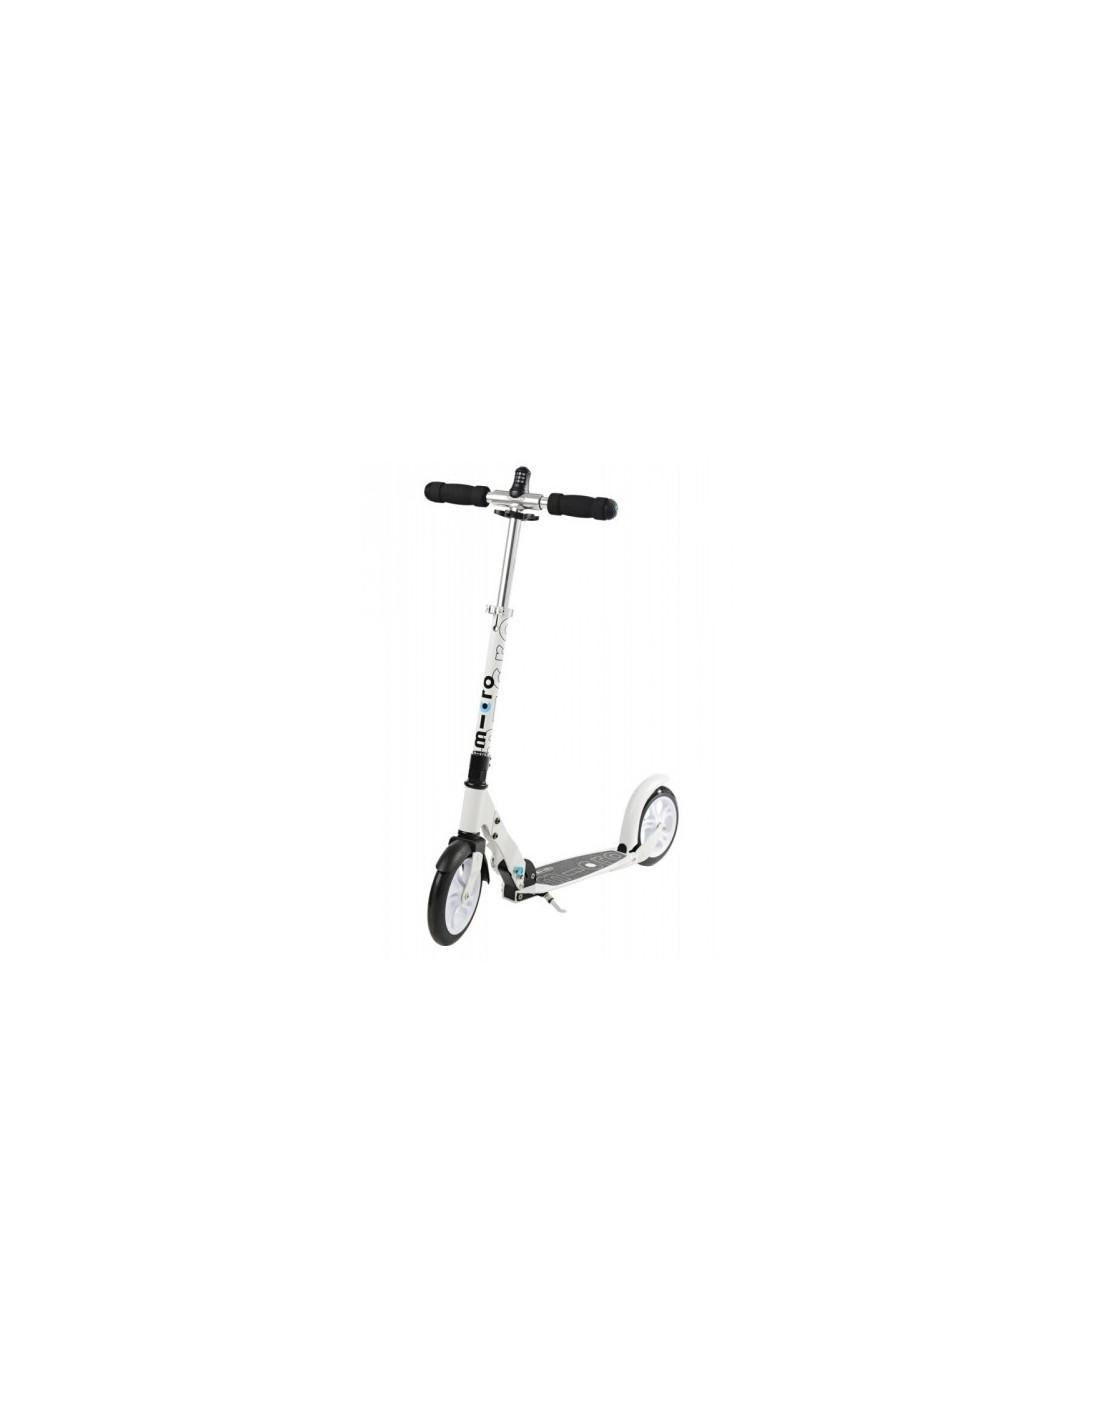 micro scooter white 200mm interlock zum bestpreis kaufen. Black Bedroom Furniture Sets. Home Design Ideas